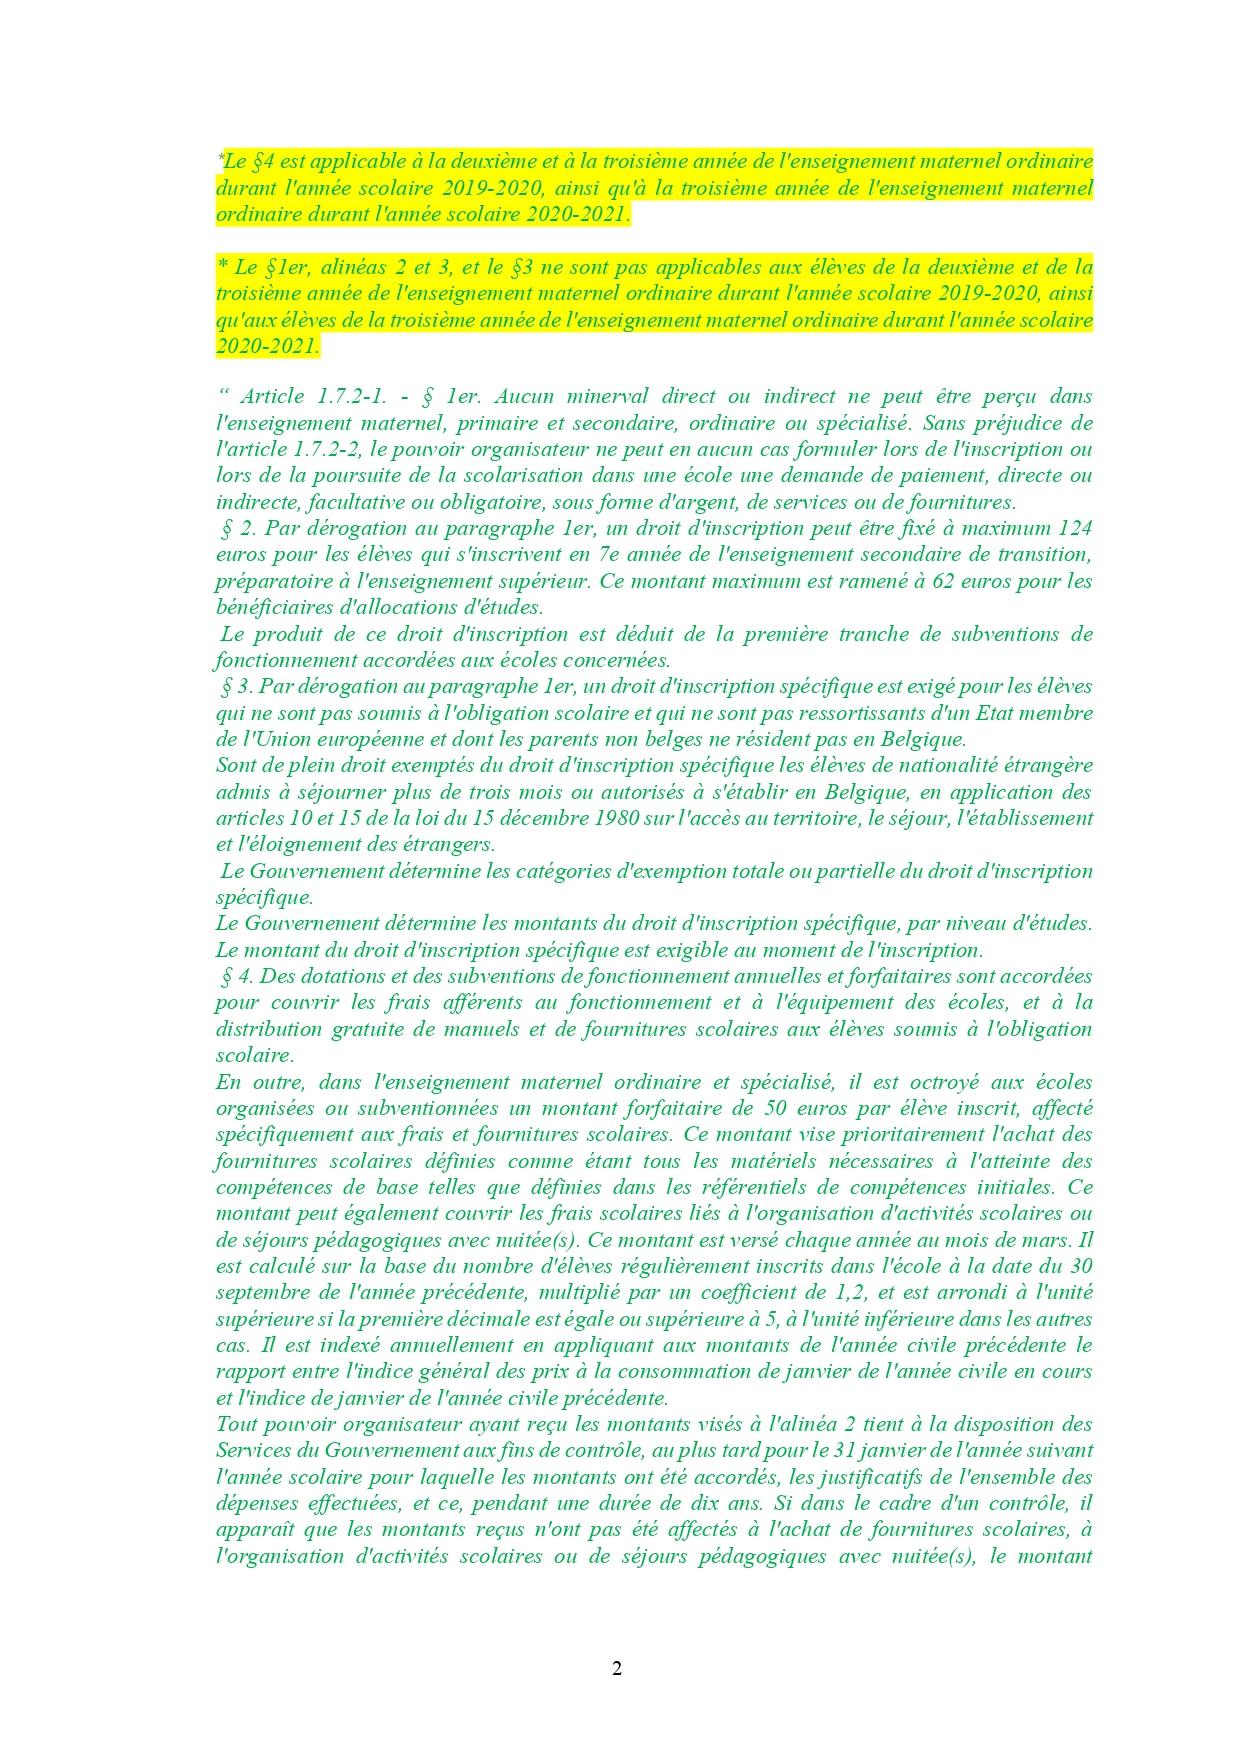 ROI fondamental avril 2020_page-0002